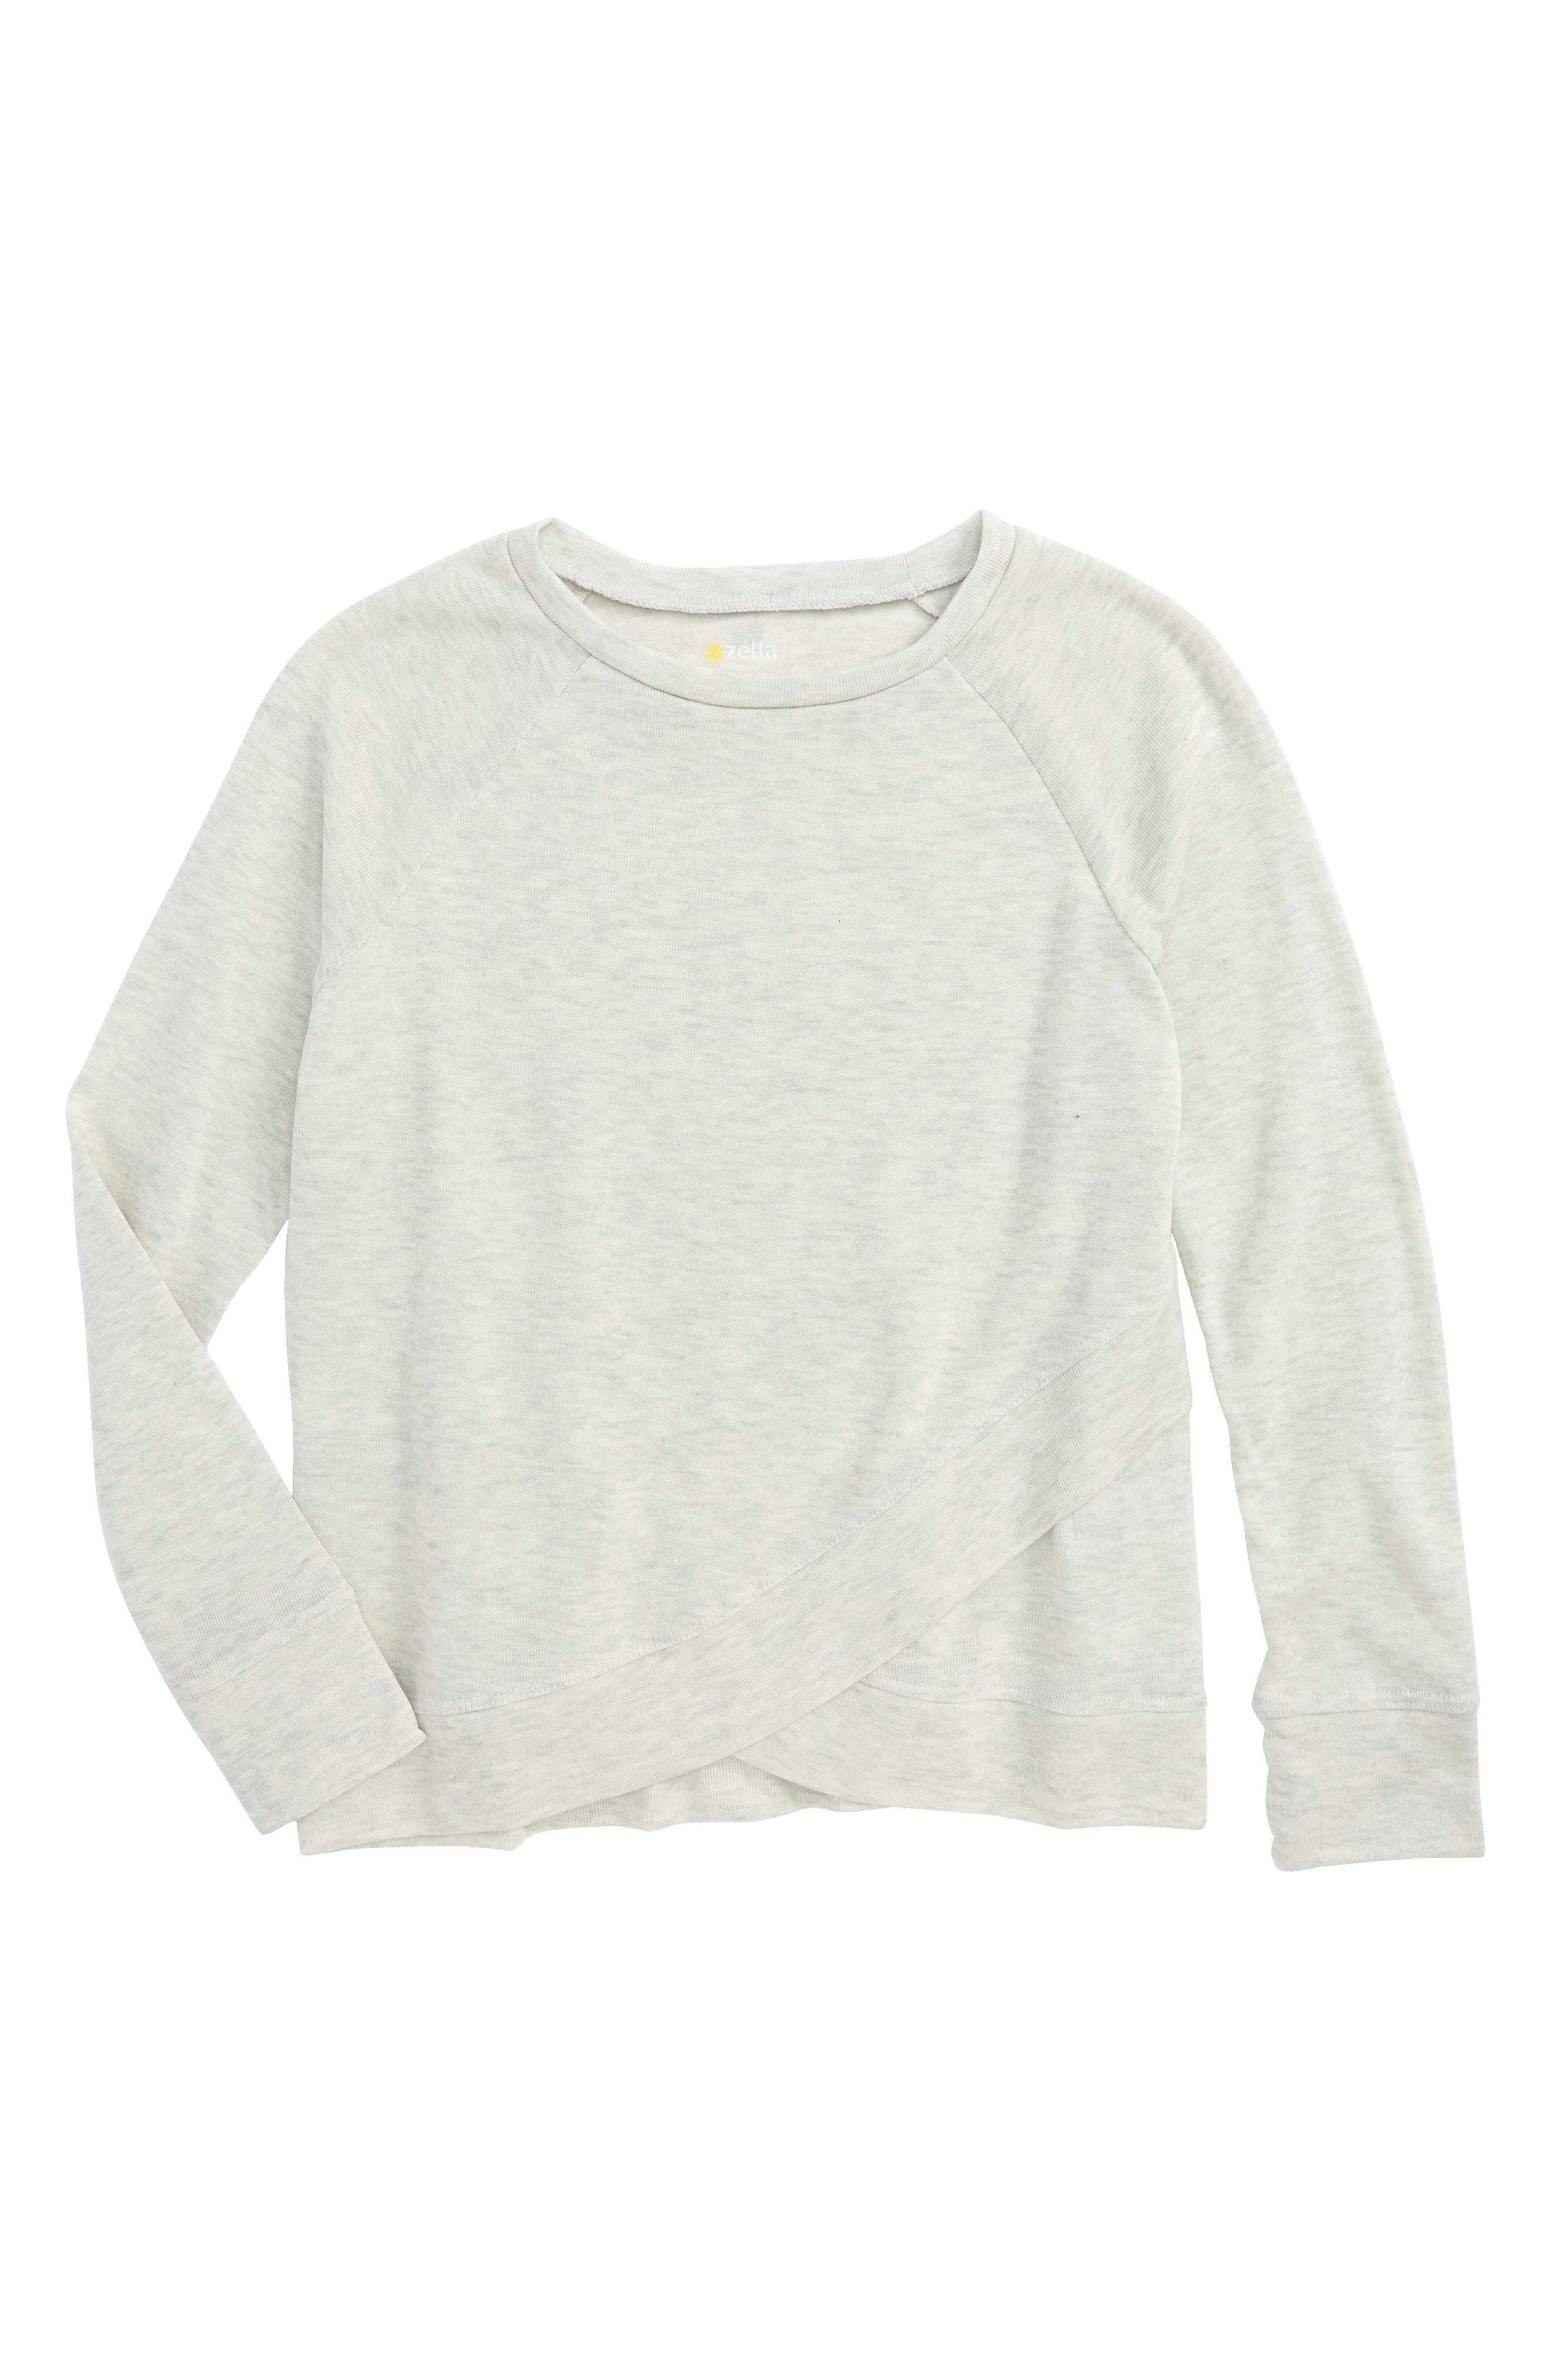 Zella Girl Petal Sweater (Little Girls & Big Girls)